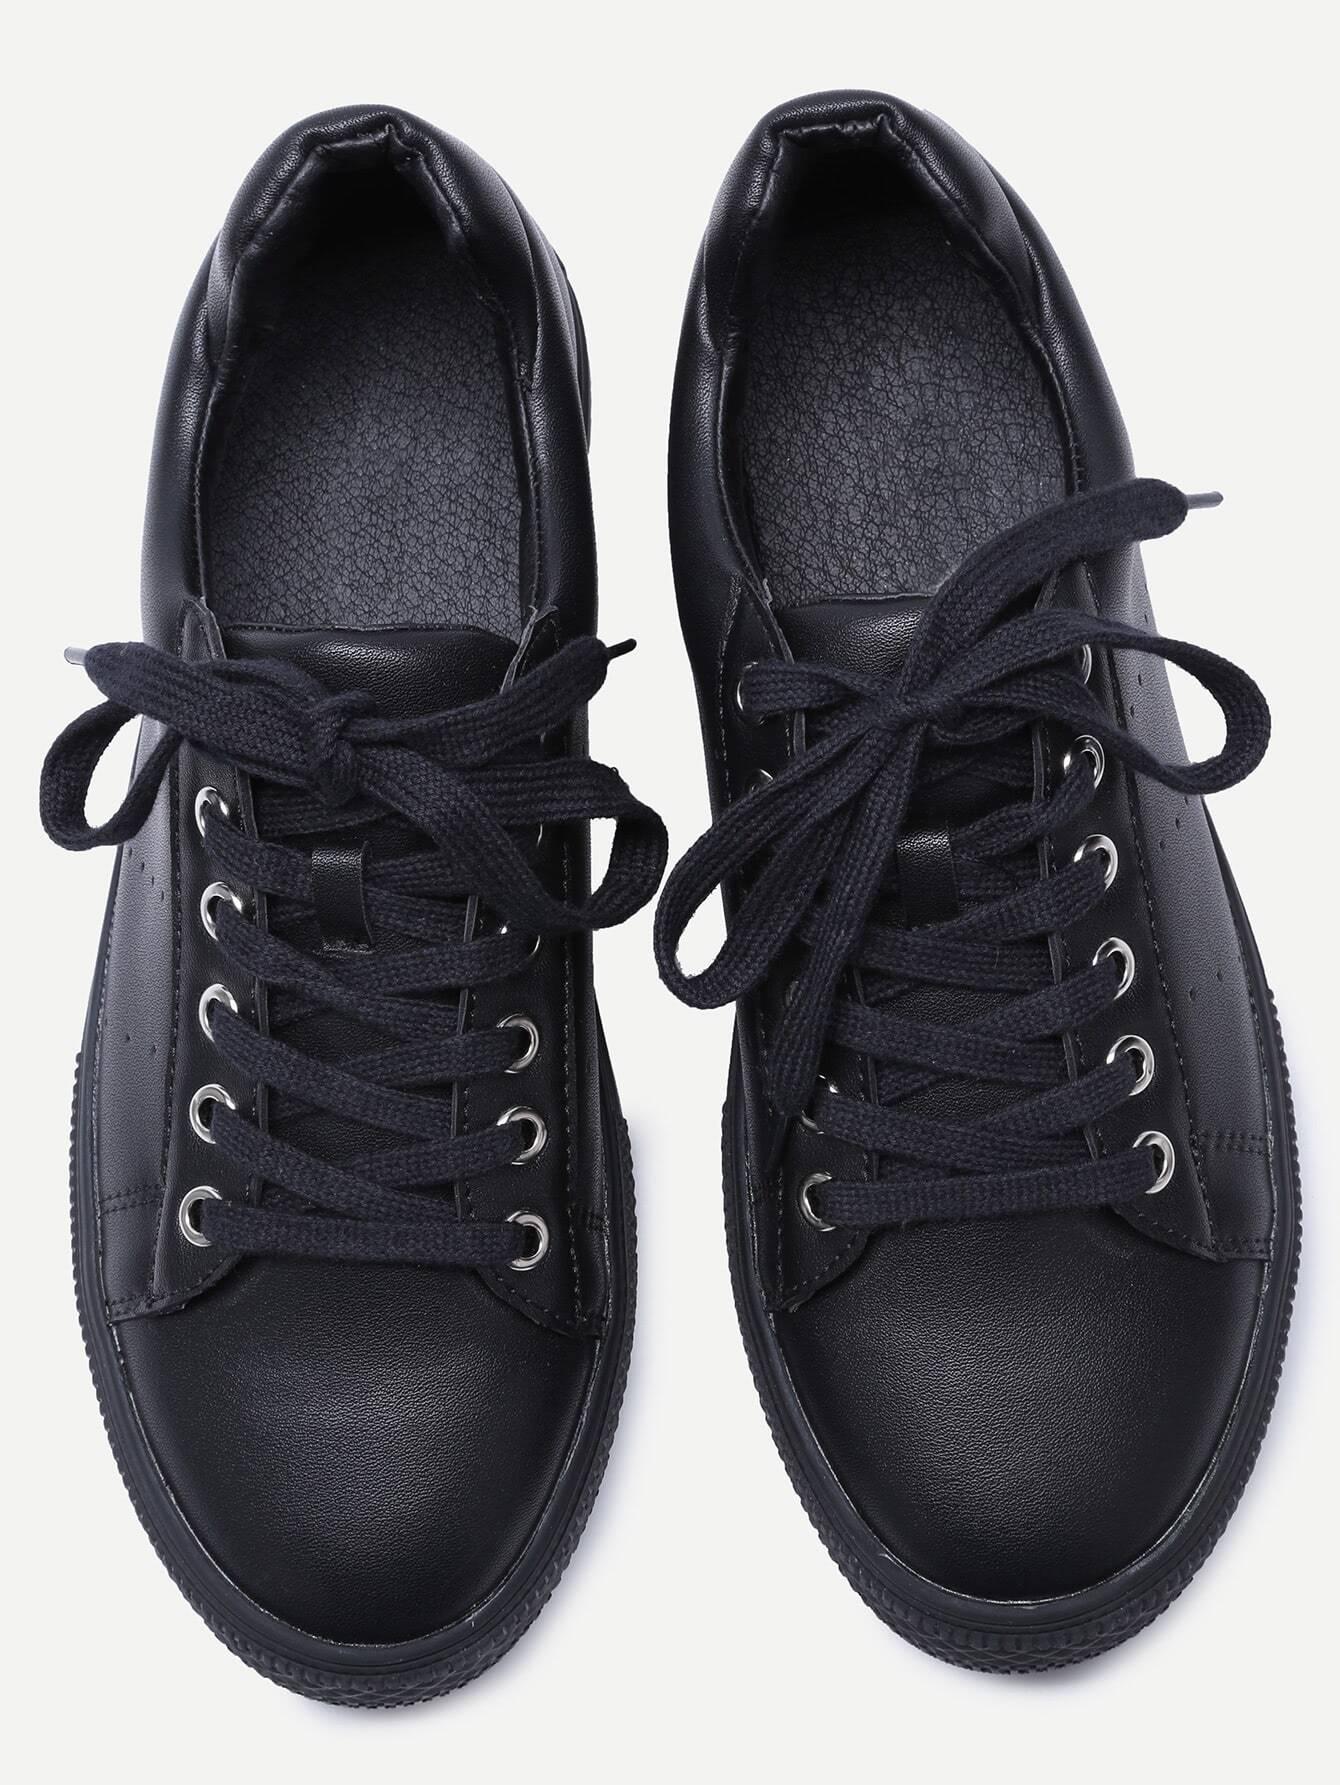 shoes161114803_2